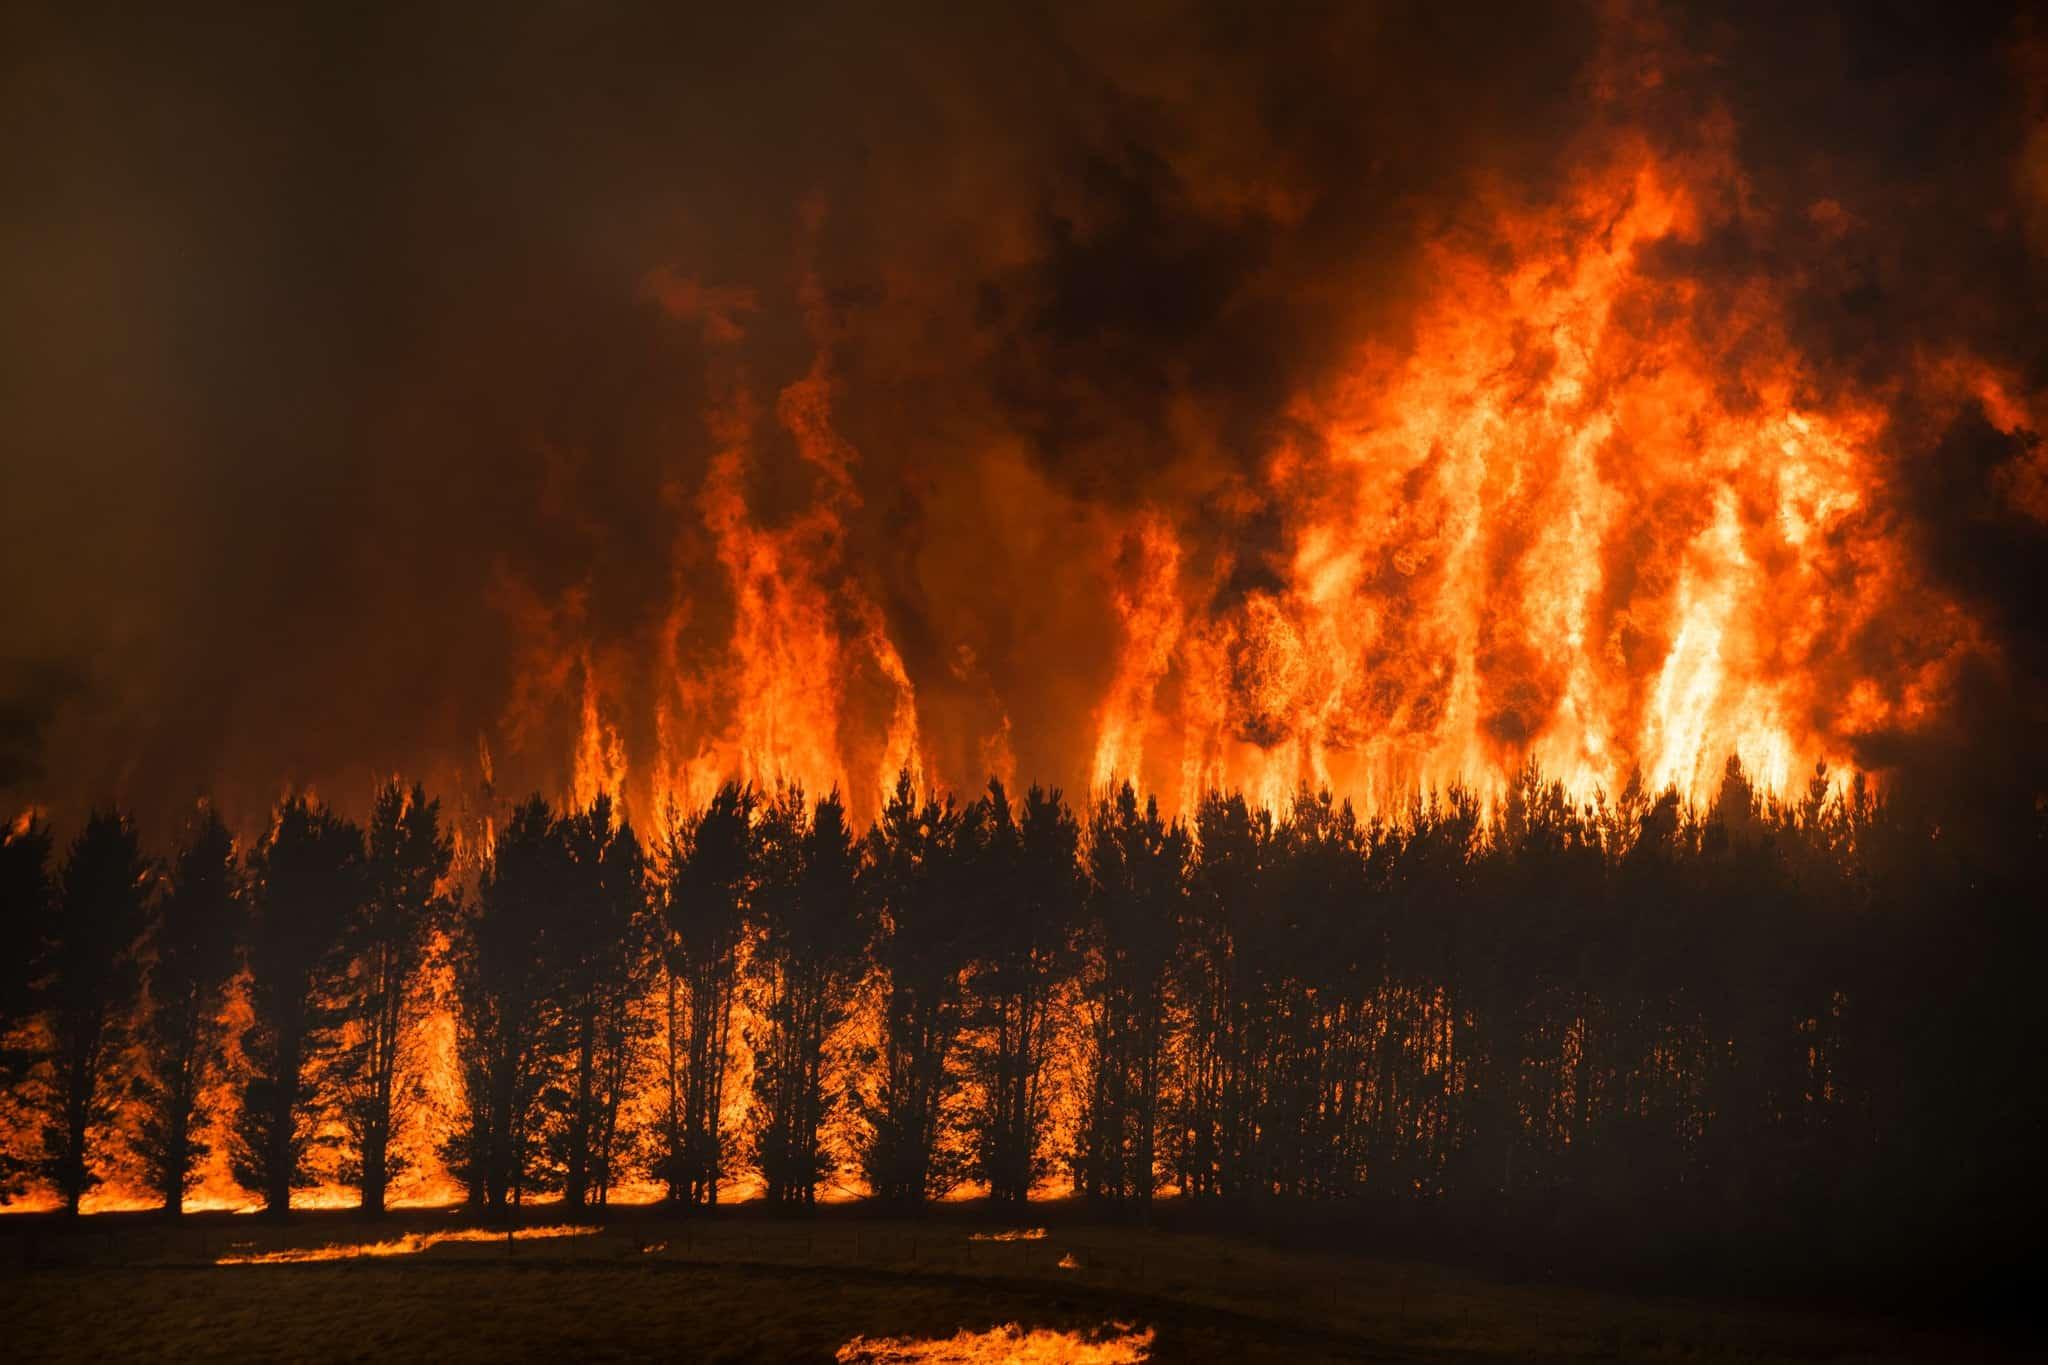 تغير المناخ على رأس قائمة الأولويات في الدورة الخمسين للمنتدى الاقتصادي العالمي في دافوس